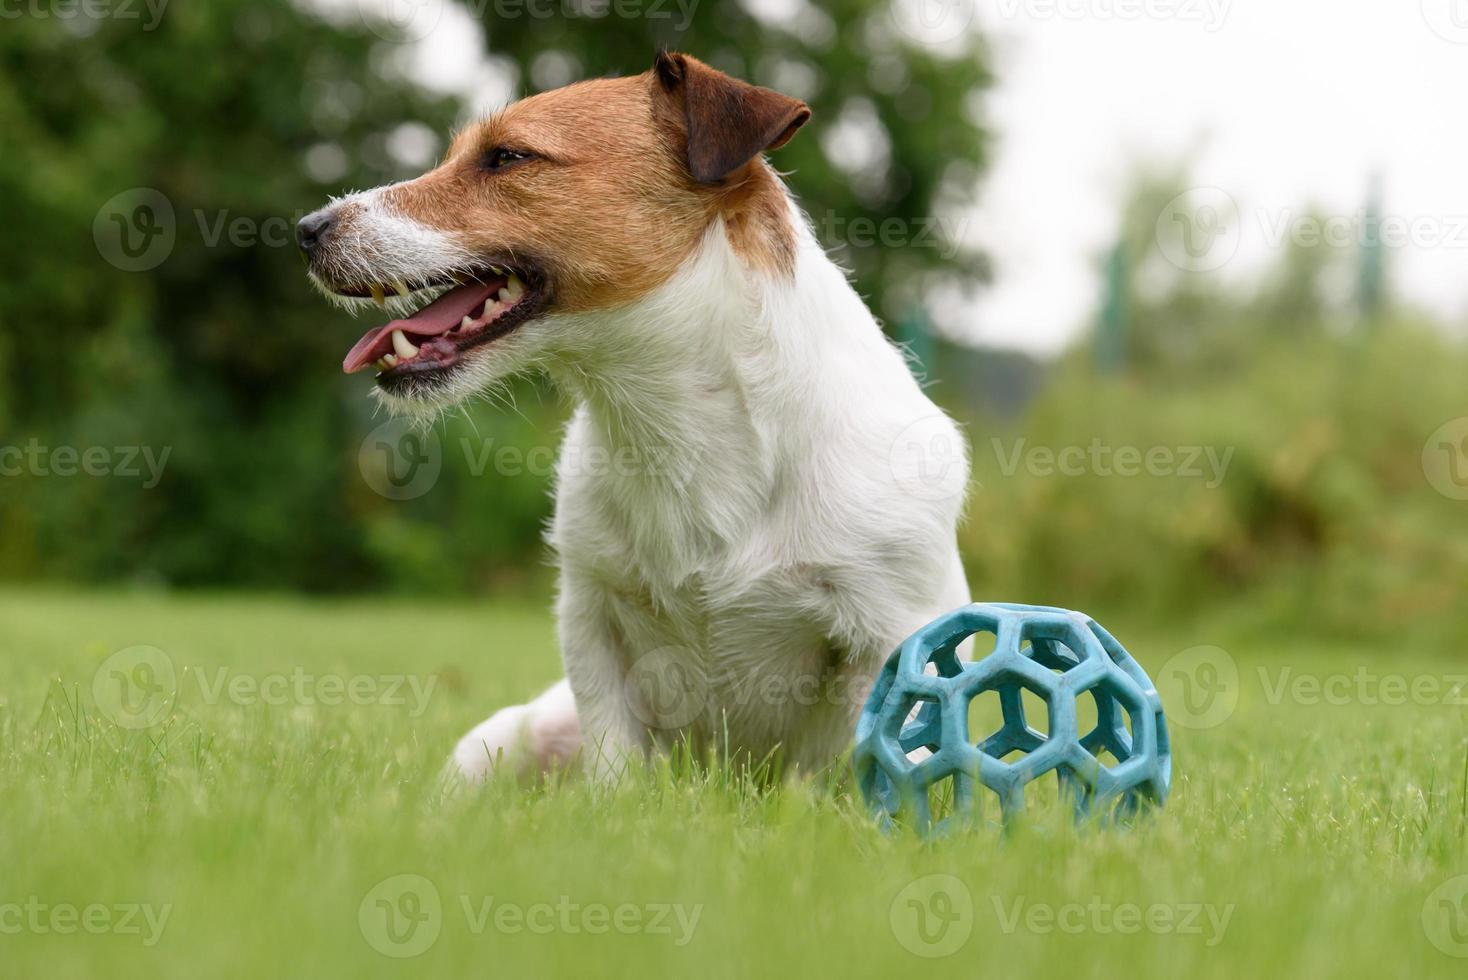 il cane pigro non vuole giocare con la palla. foto